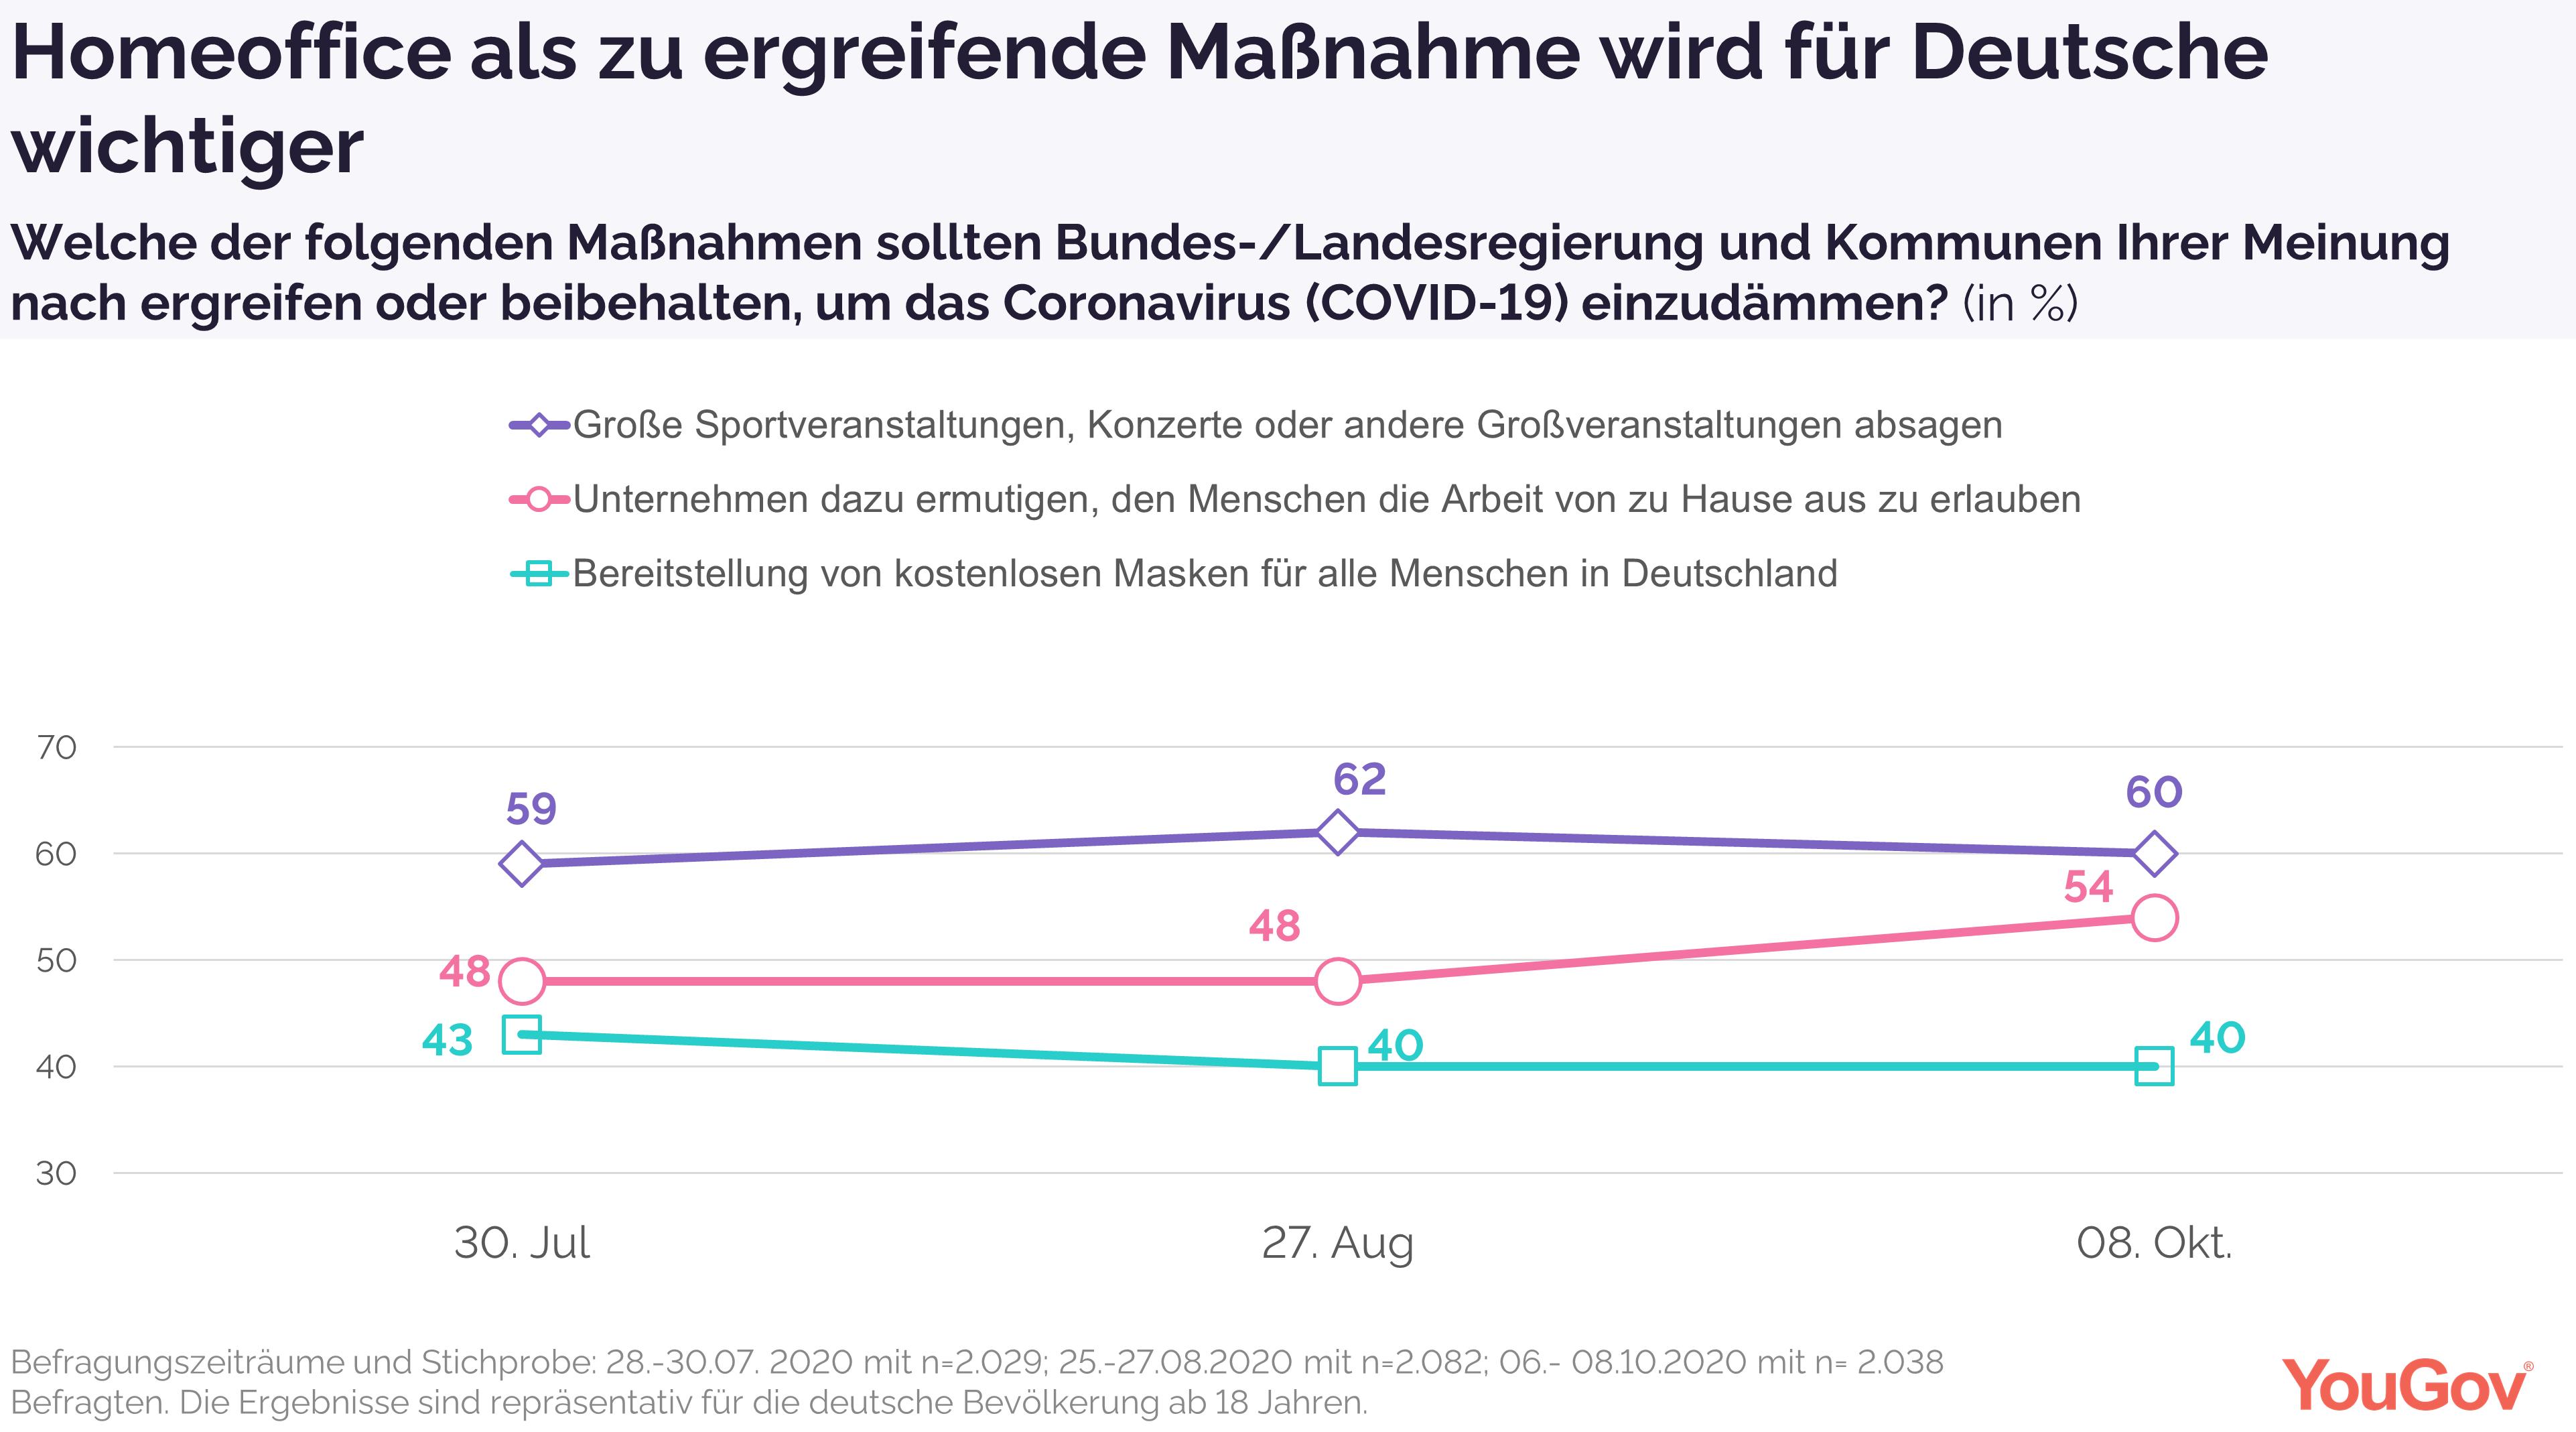 Homeoffice wird als Schutzmaßnahme für Deutsche wichtiger